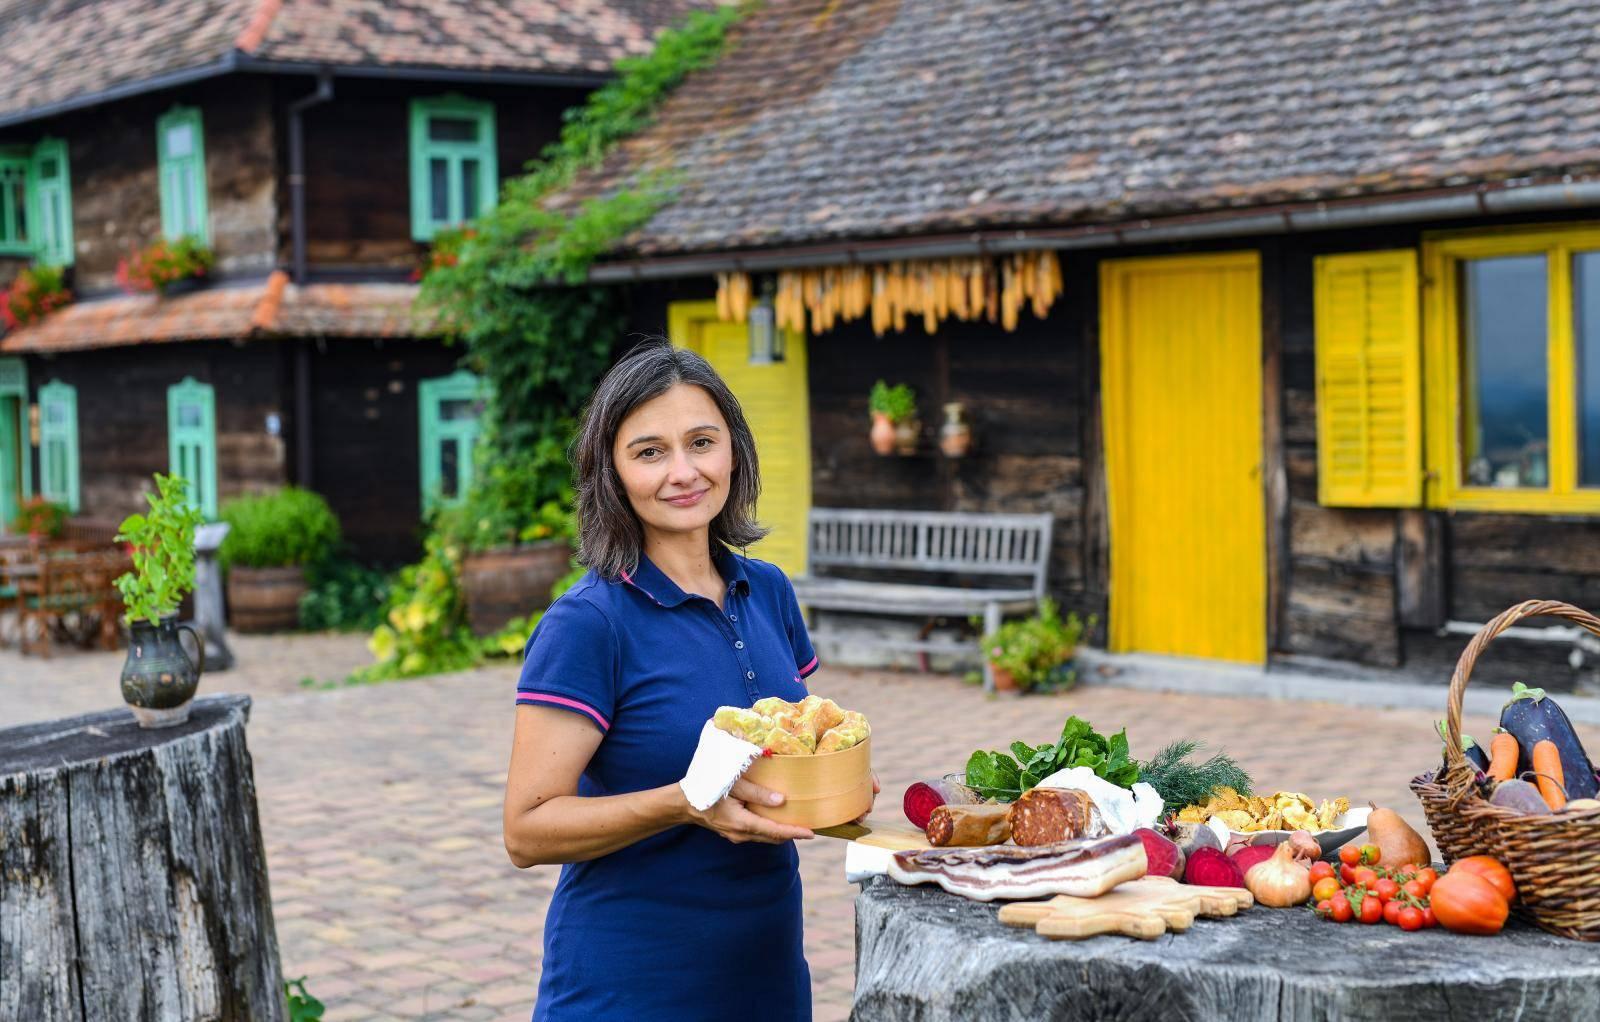 'Radim u korporaciji, a kuhanje u restoranu mi smanjuje stres'